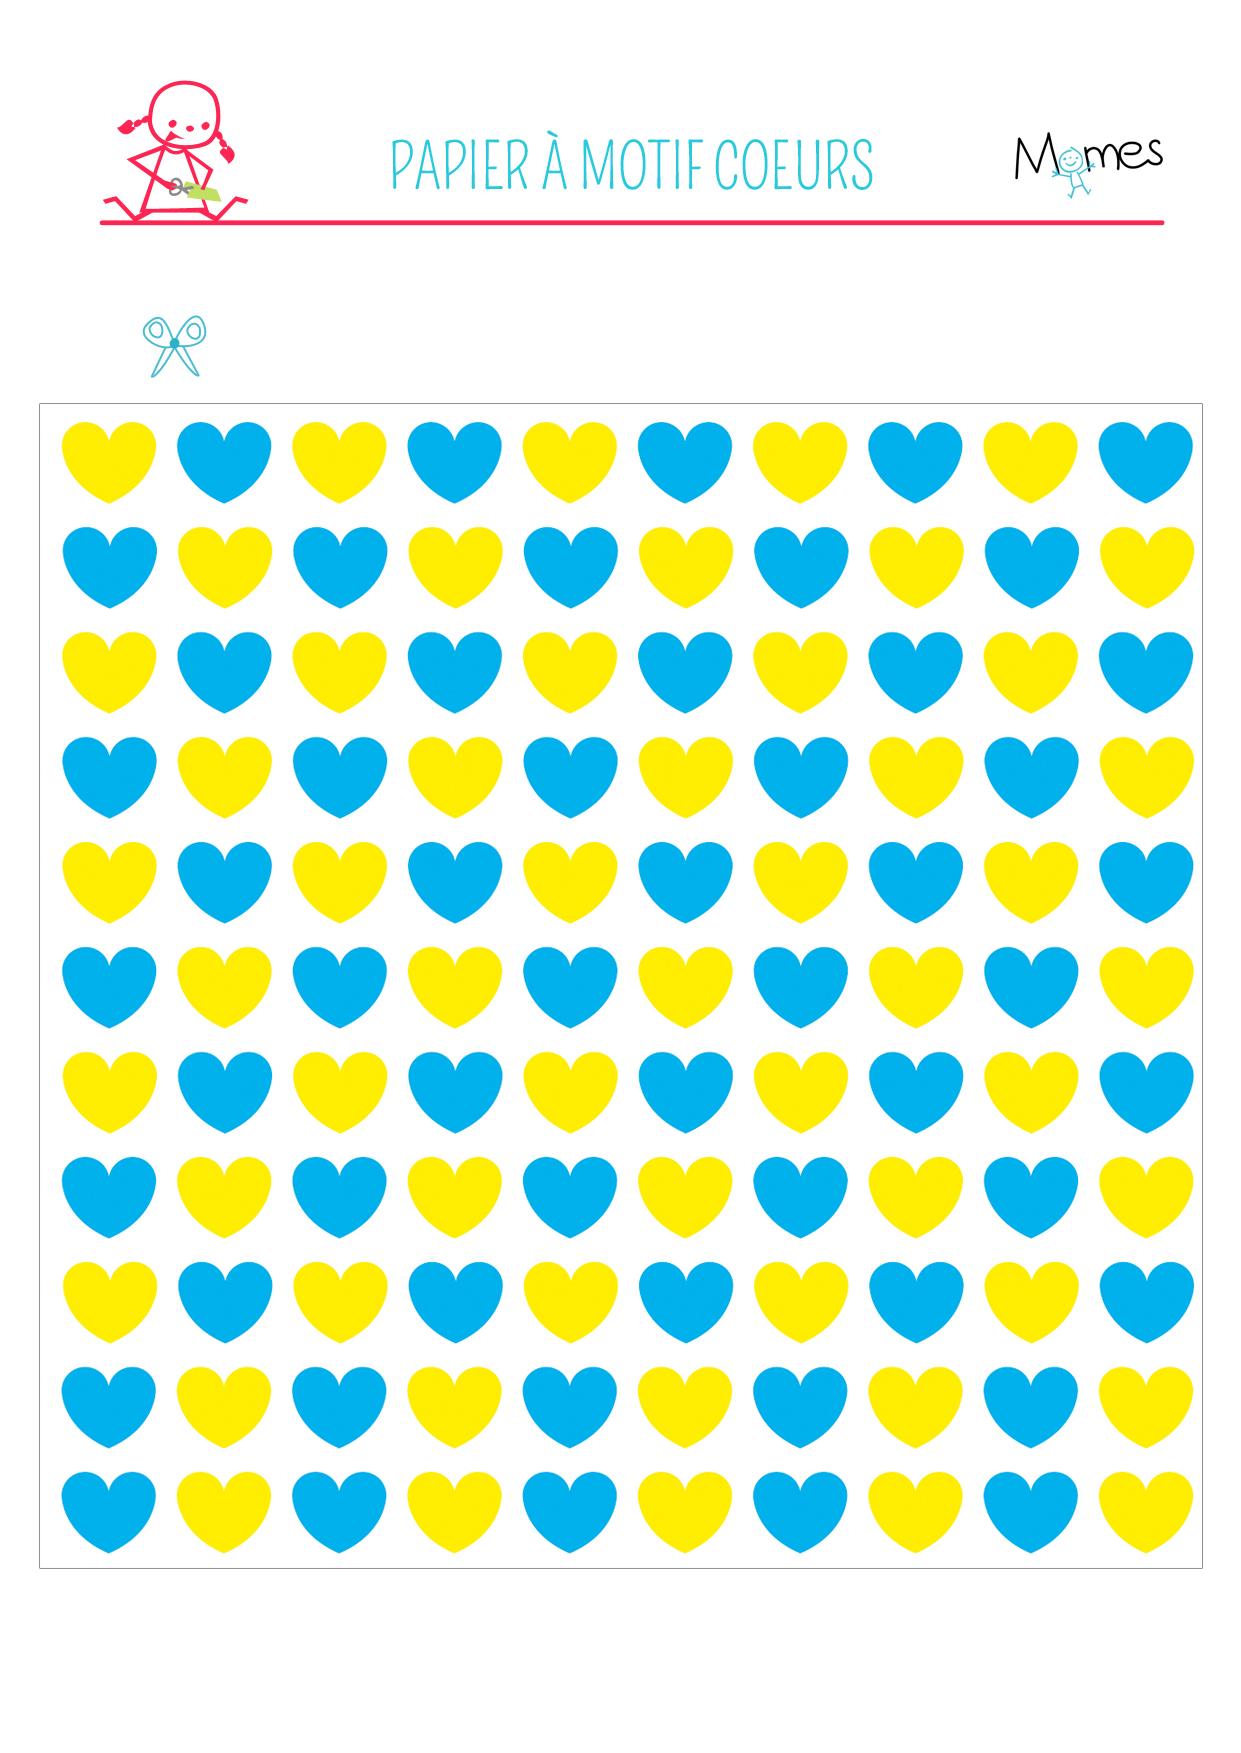 Hervorragend Papier motif coeurs à imprimer - Momes.net BN67